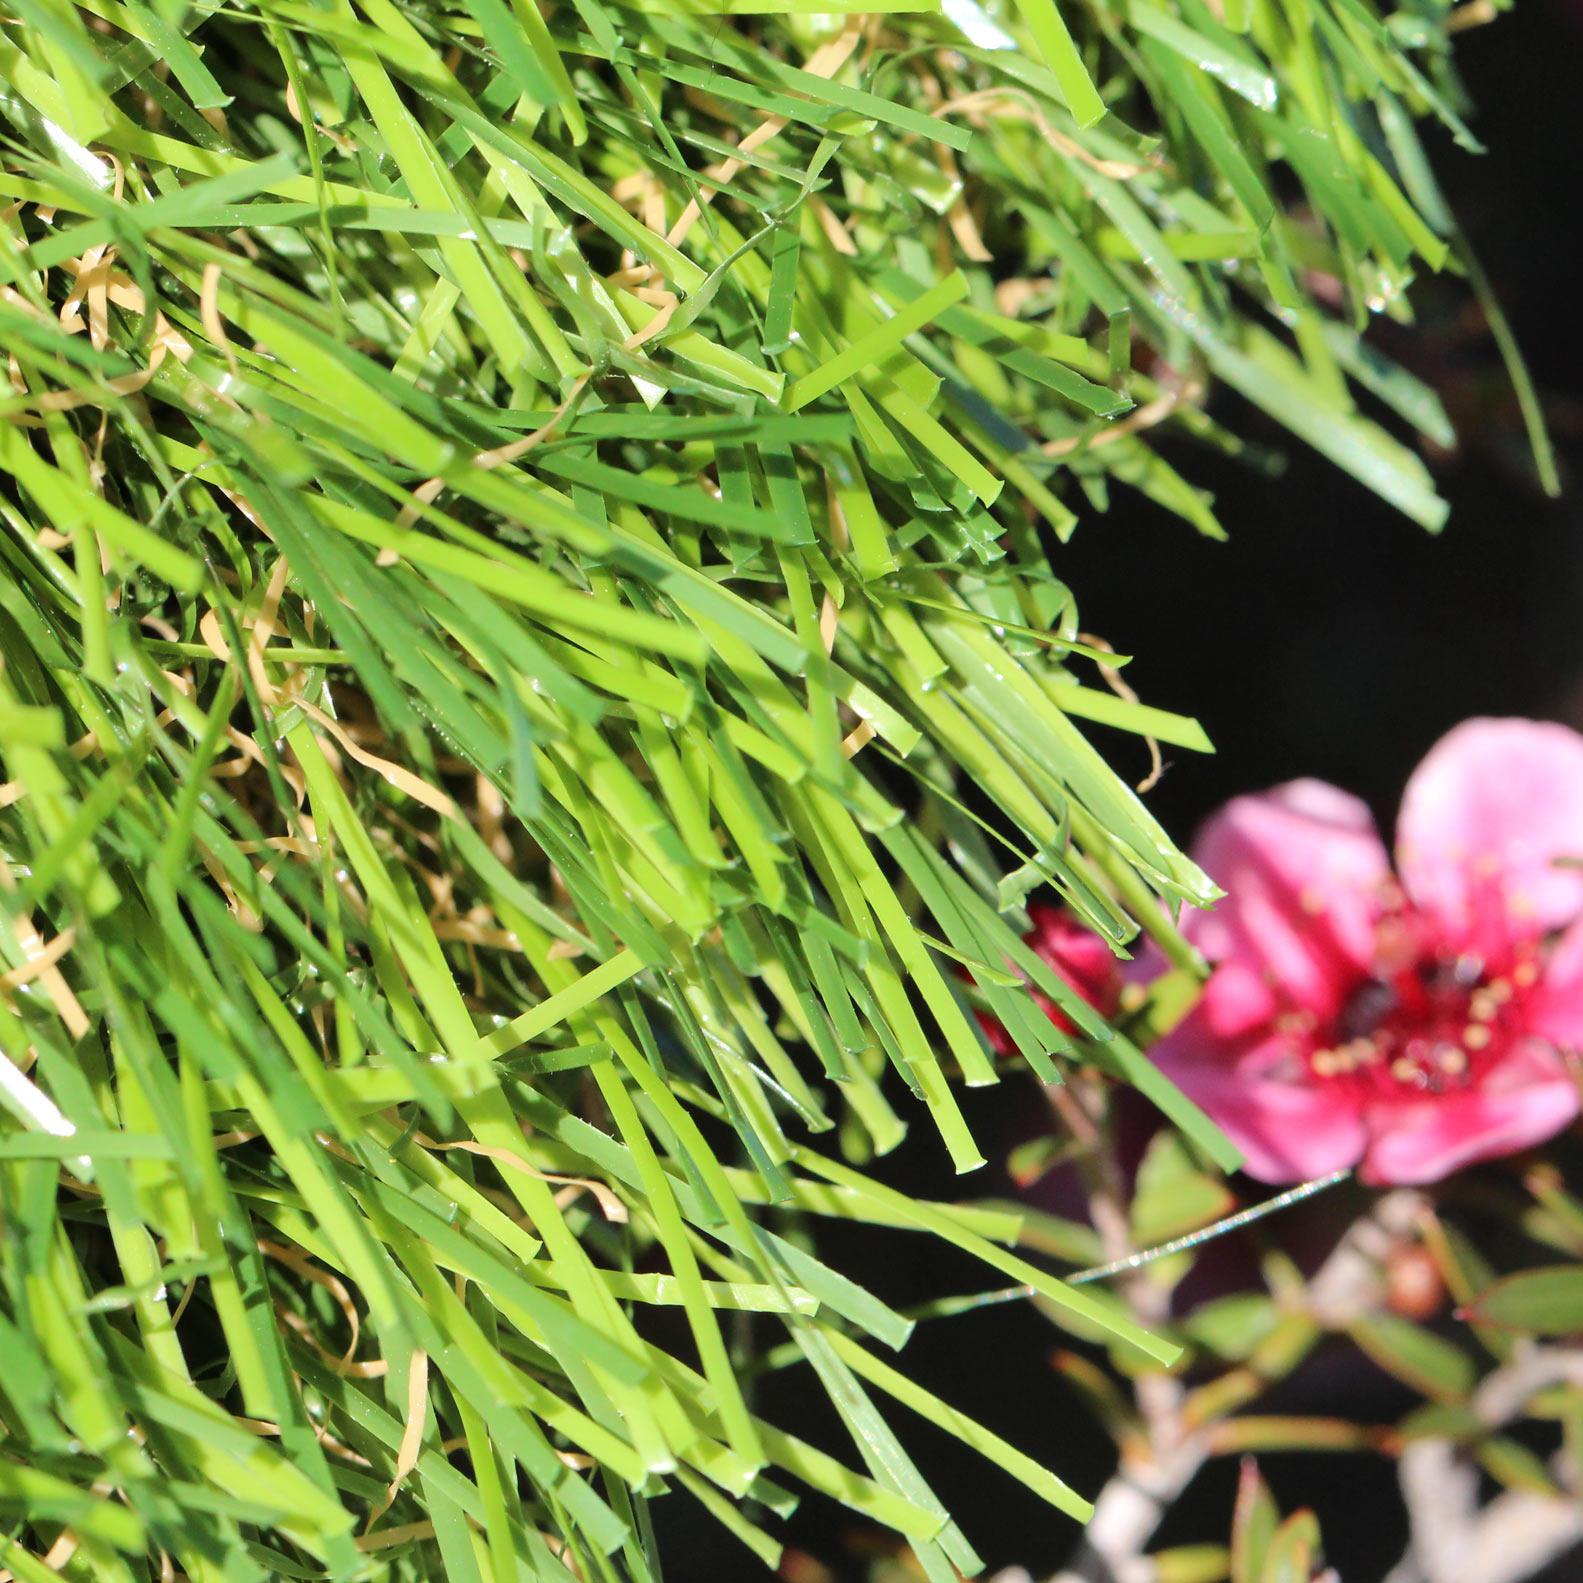 Sierra 70 oz artificial grass emerald green